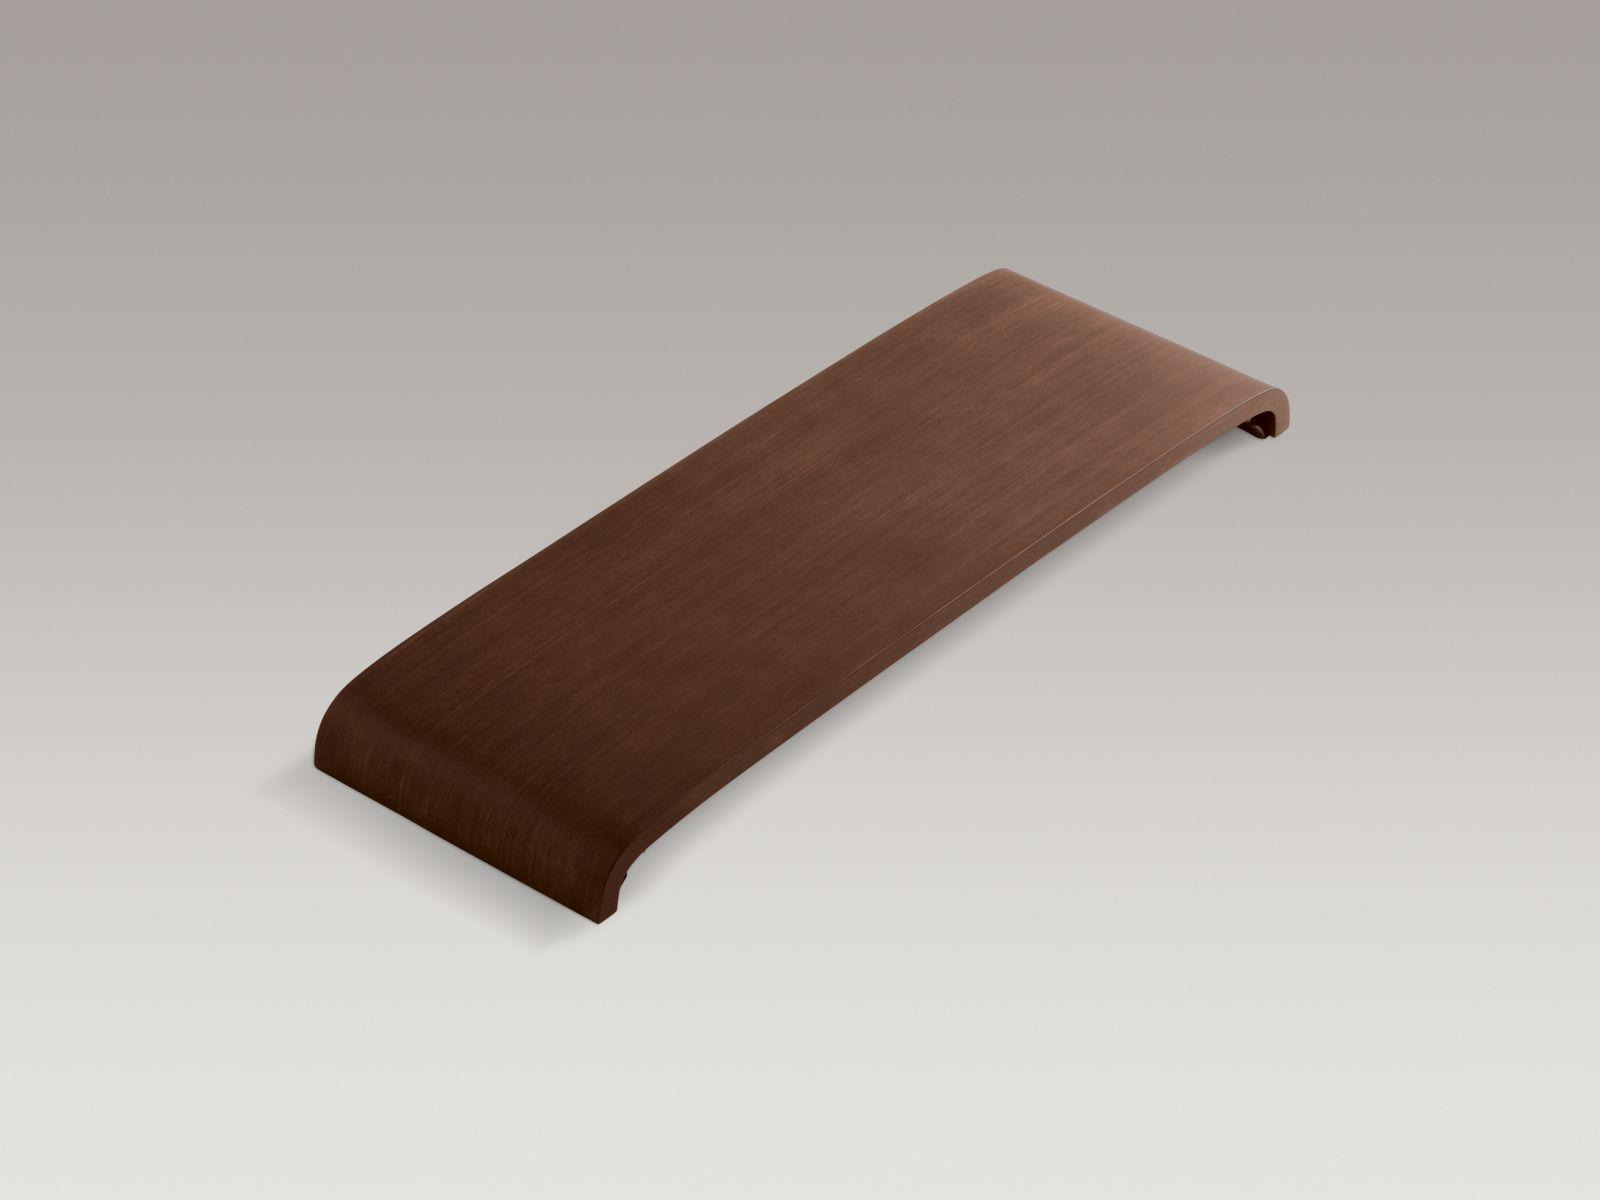 Kohler K-1844-LAW Parity Removable Wood Bath Seat Antique Walnut